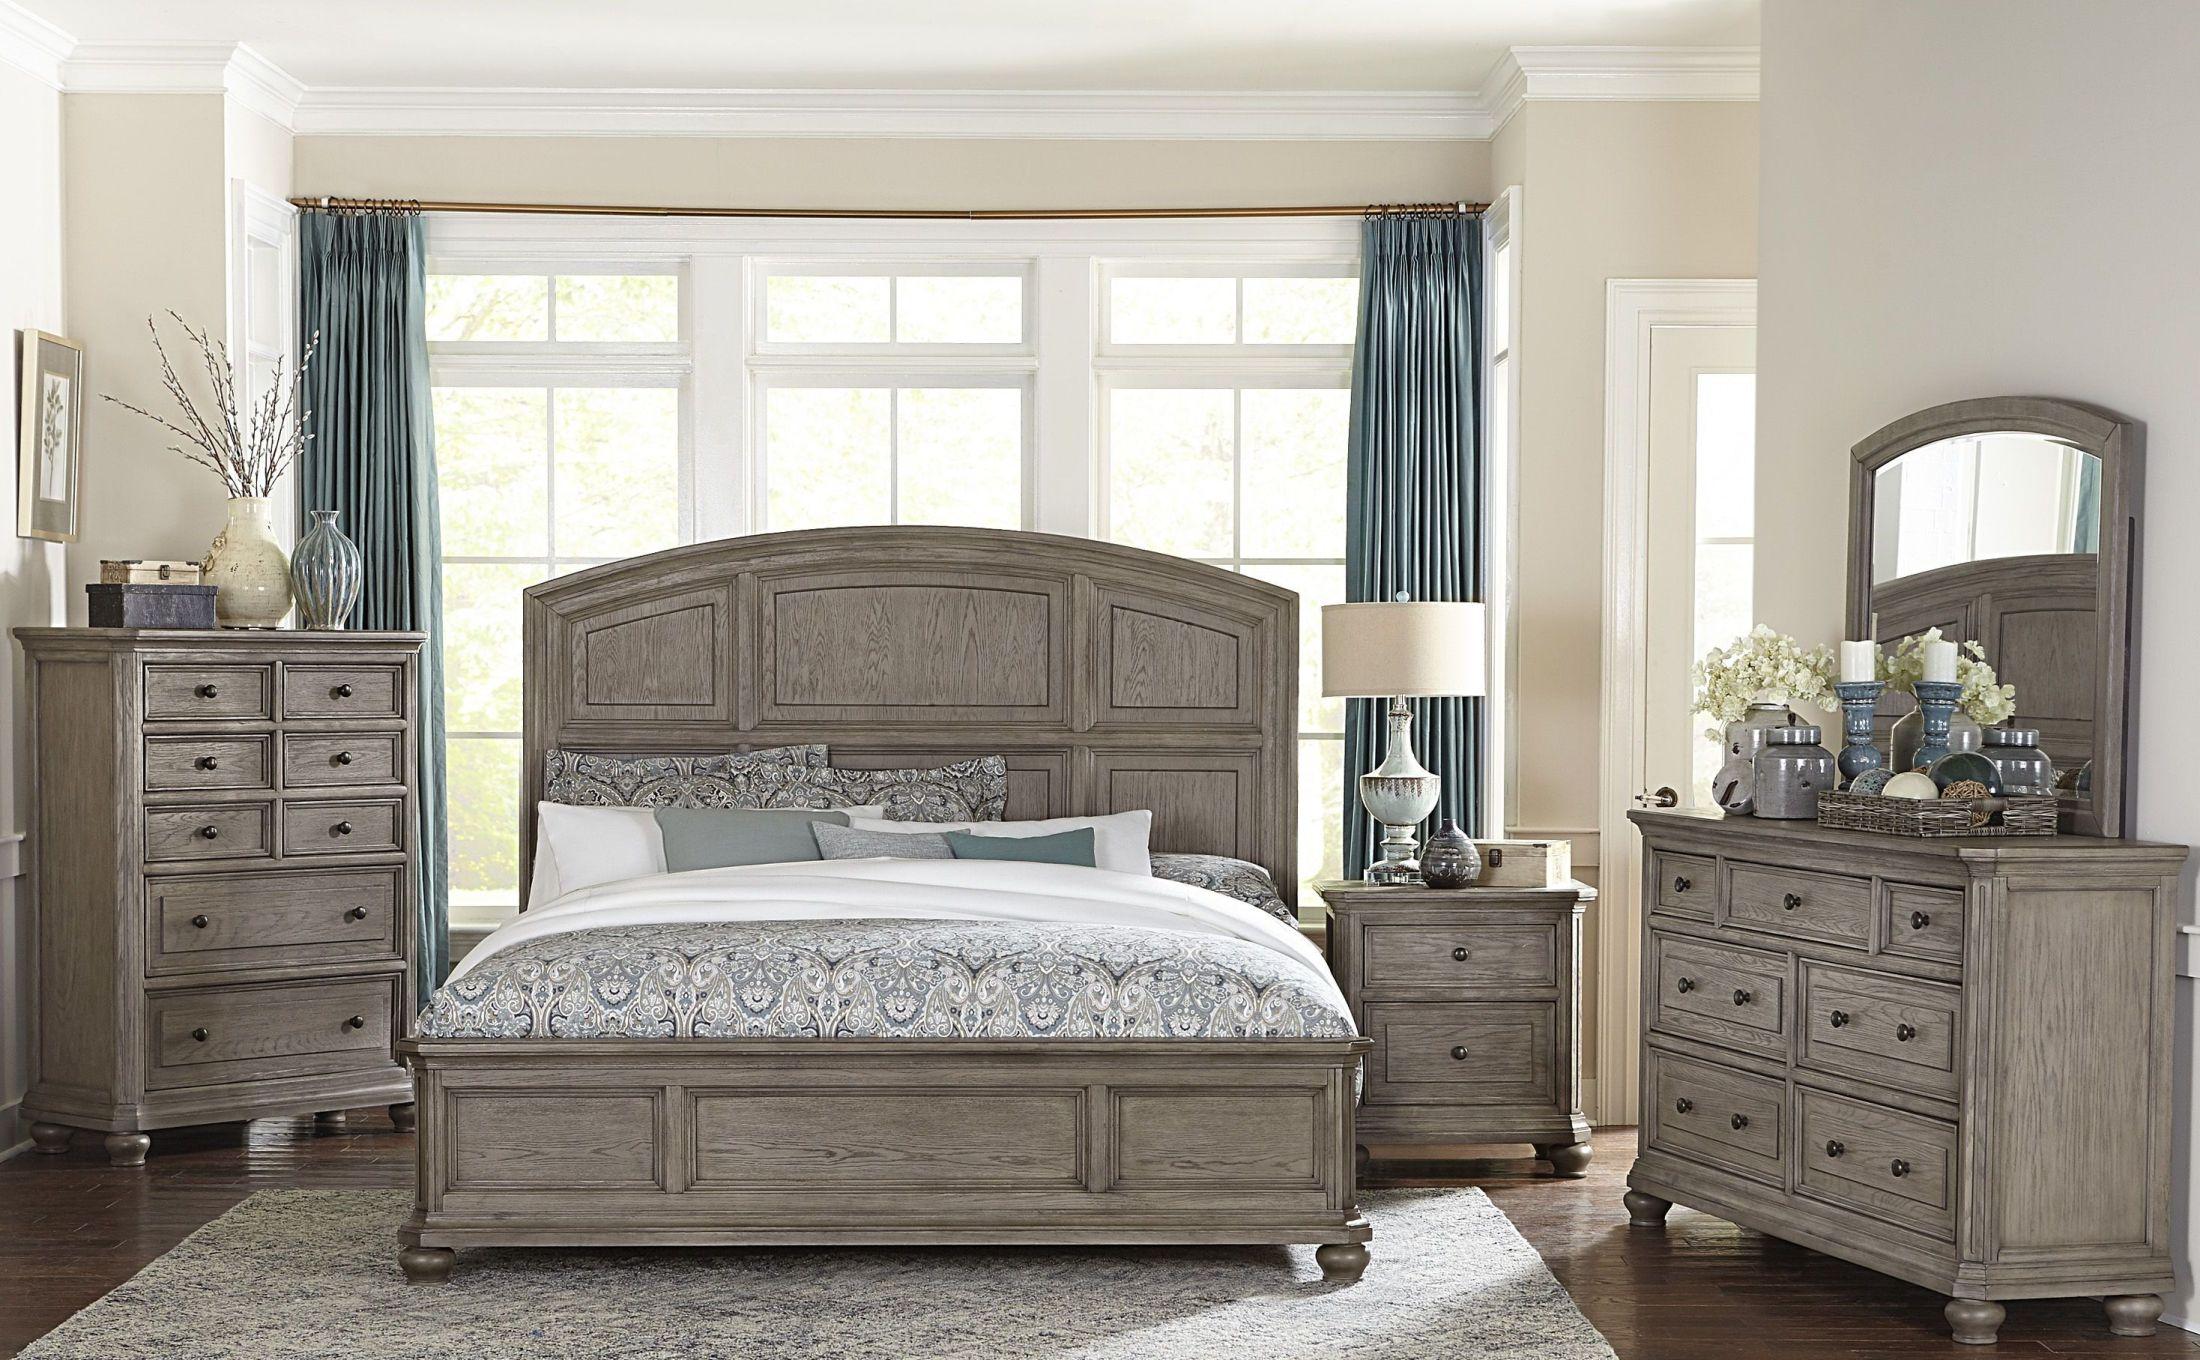 Grey Vintage Bedroom: Homelegance Lavonia Wire Brushed Gray Platform Bedroom Set